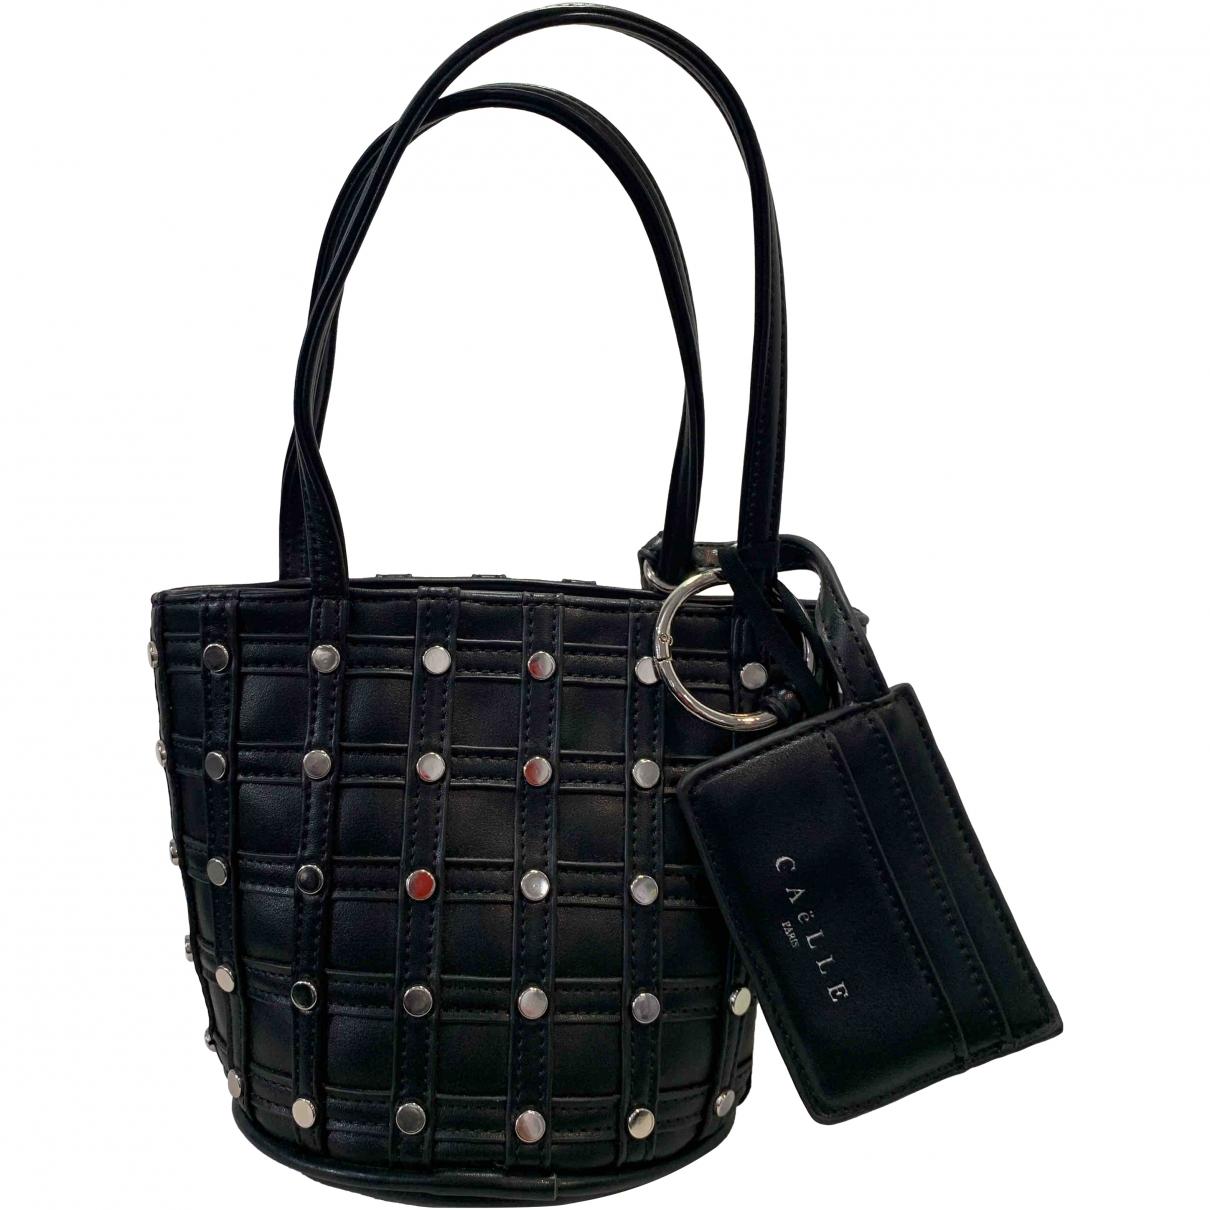 Gaelle Paris \N Handtasche in  Schwarz Leder